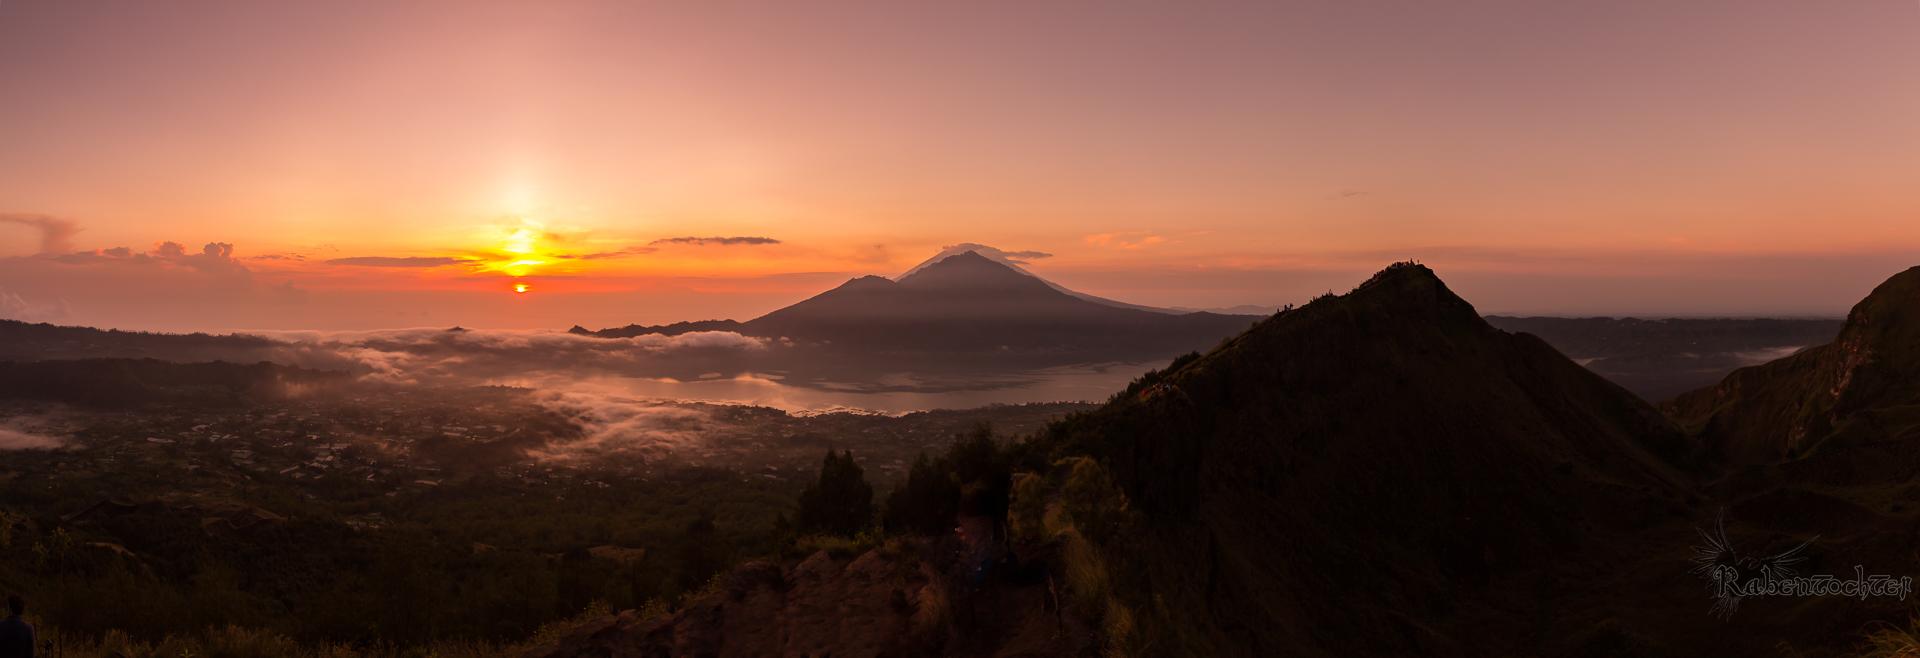 Sunrise at Mount Batur, Indonesia